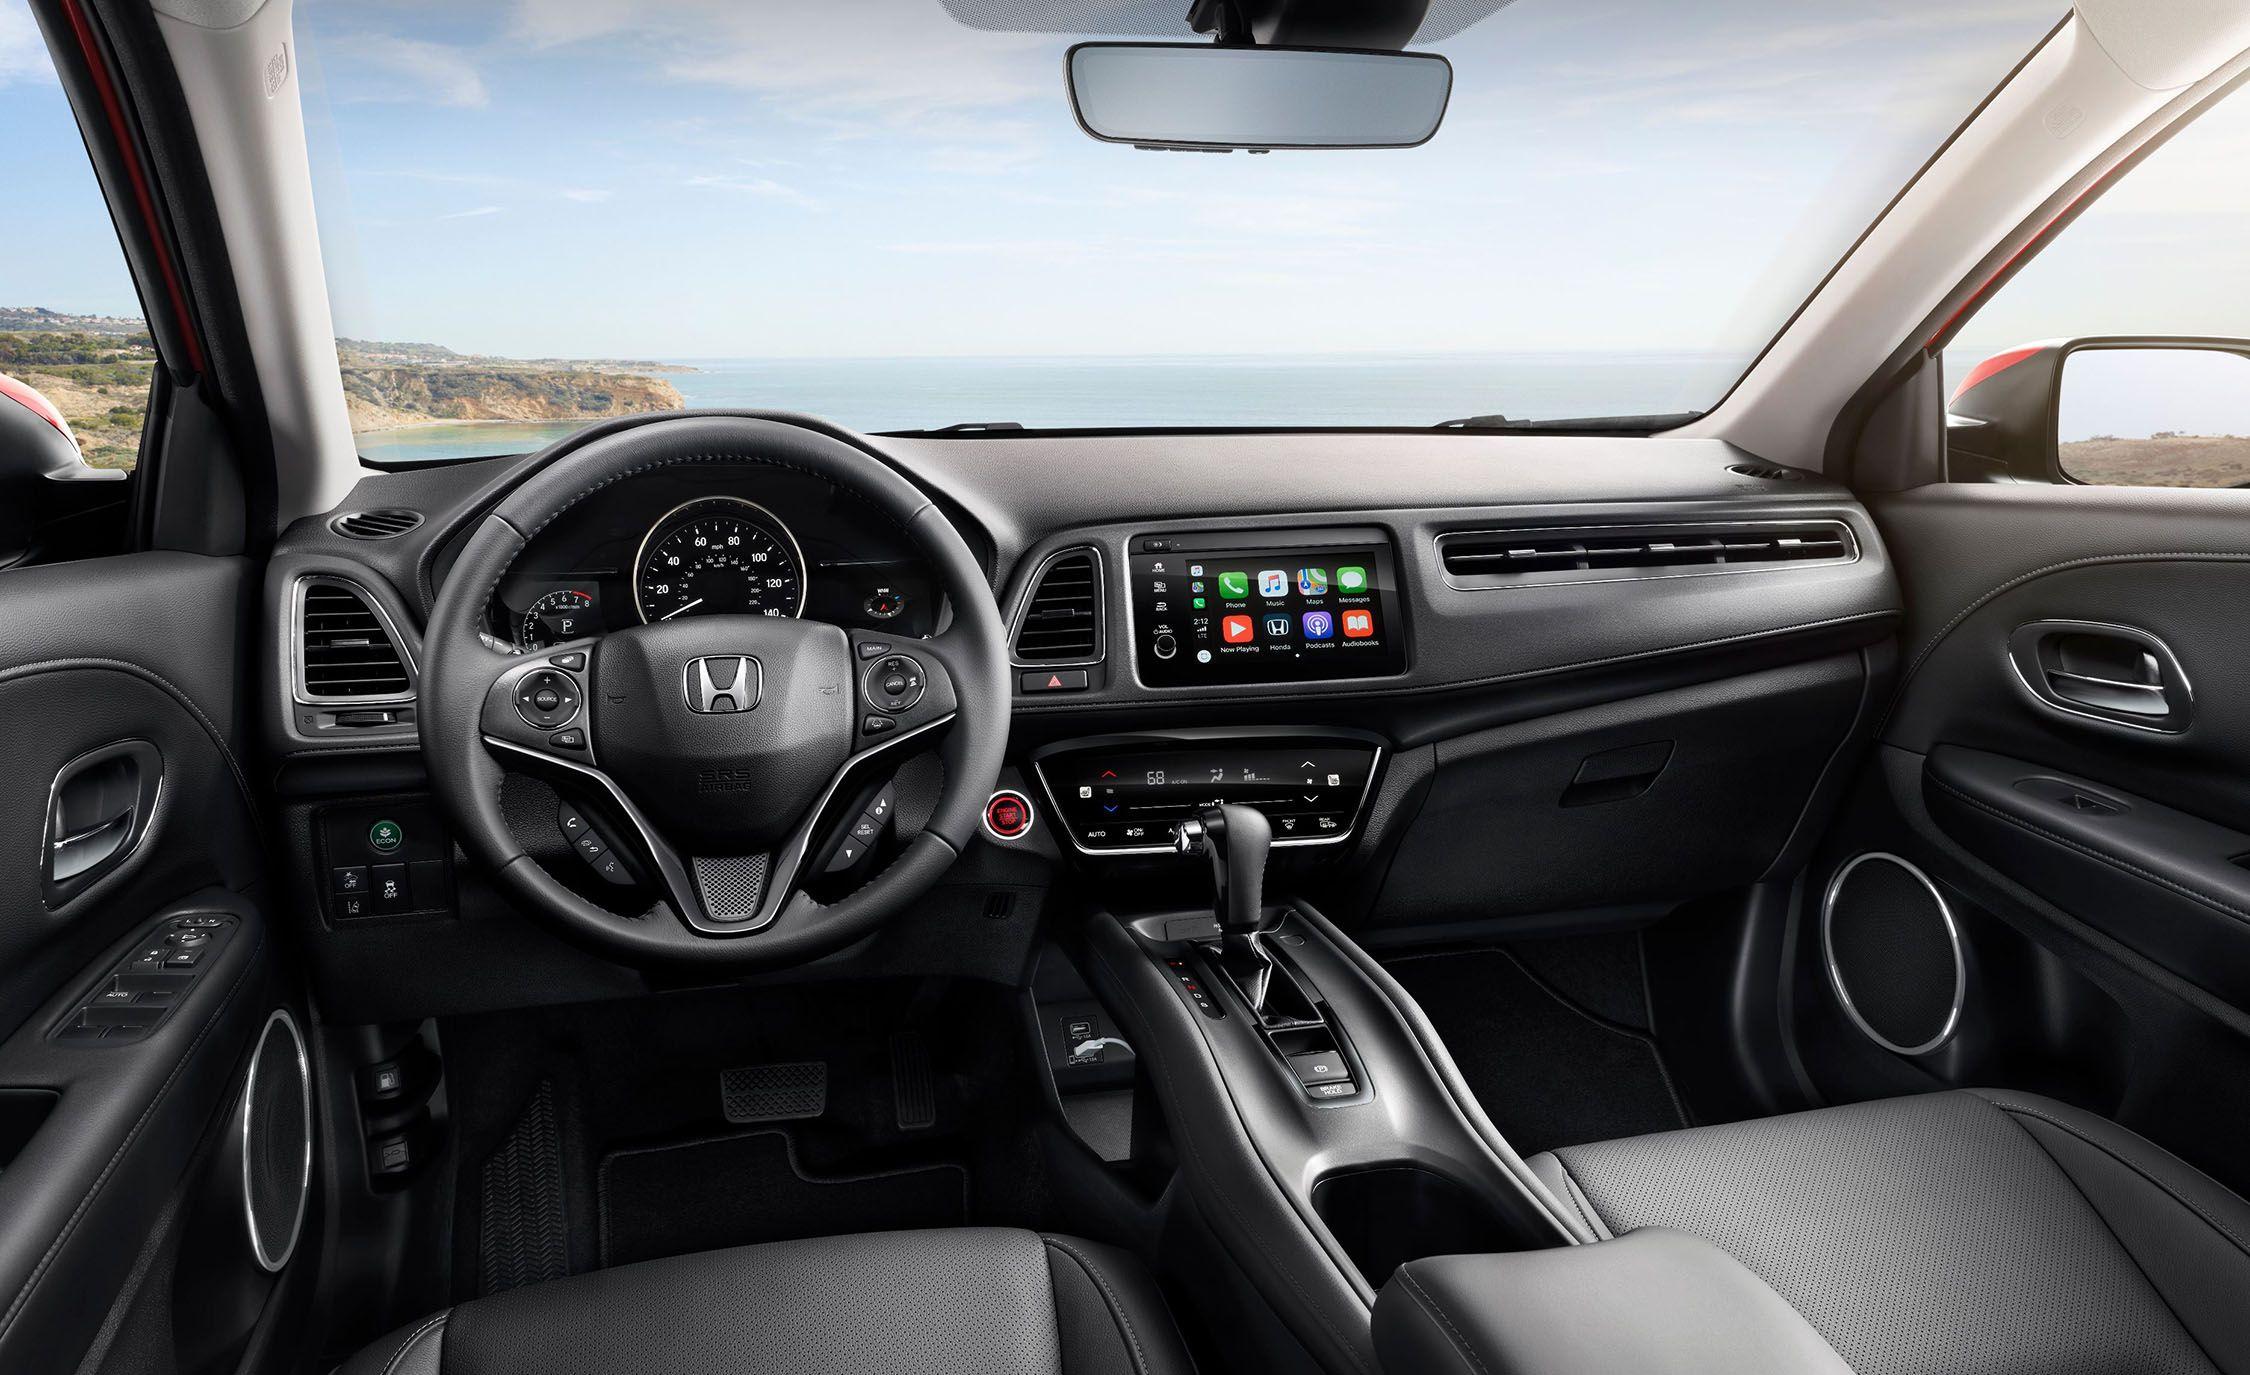 Honda Hr V Reviews Price Photos And Specs Car Alfa Romeo 156 Airbag Wiring Diagram Driver